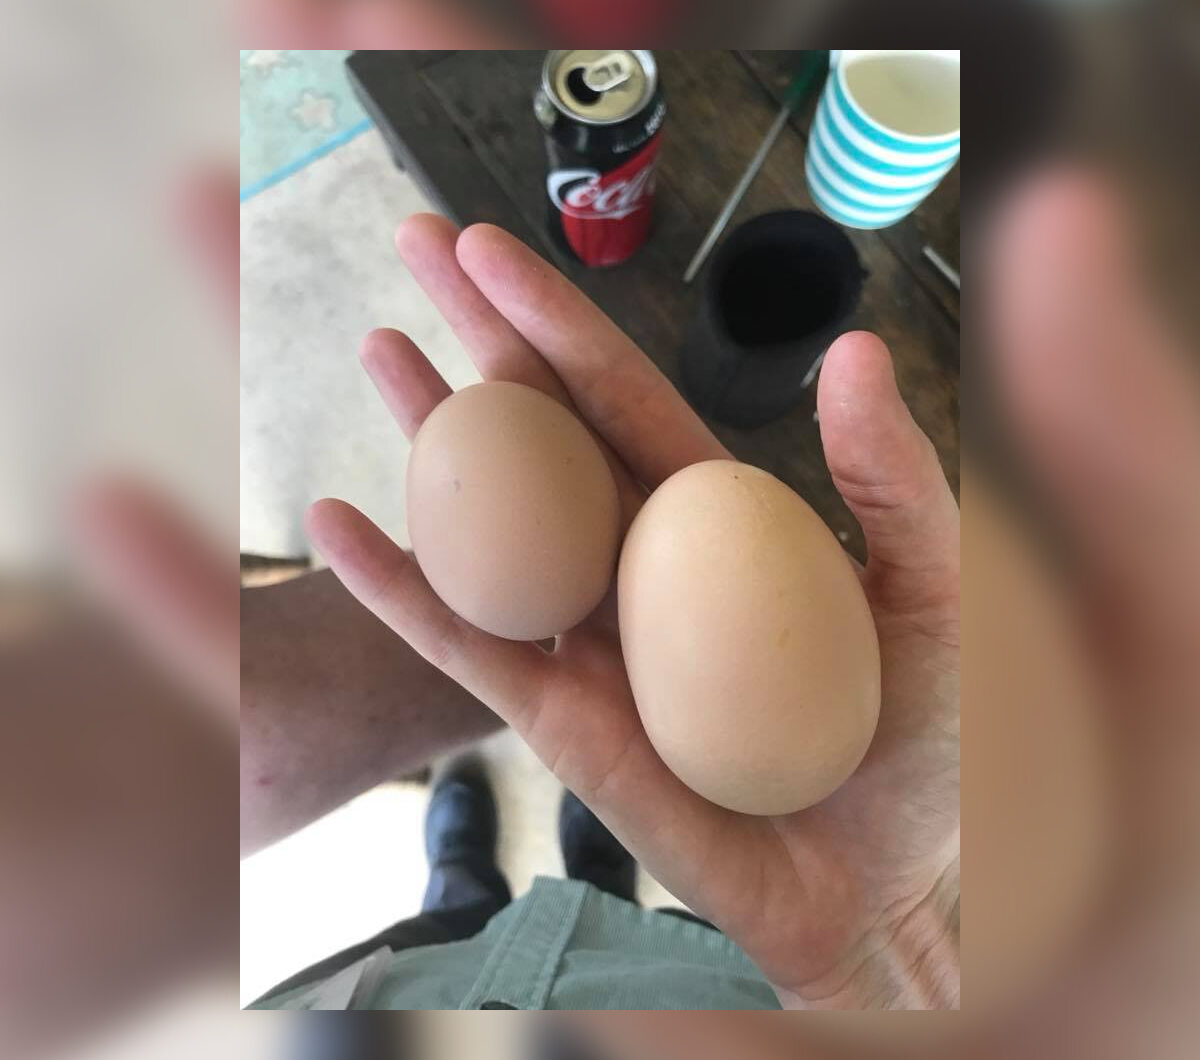 Internauci zaczęli zamieszczać pod postem inne zdjęcia ogromnych jaj